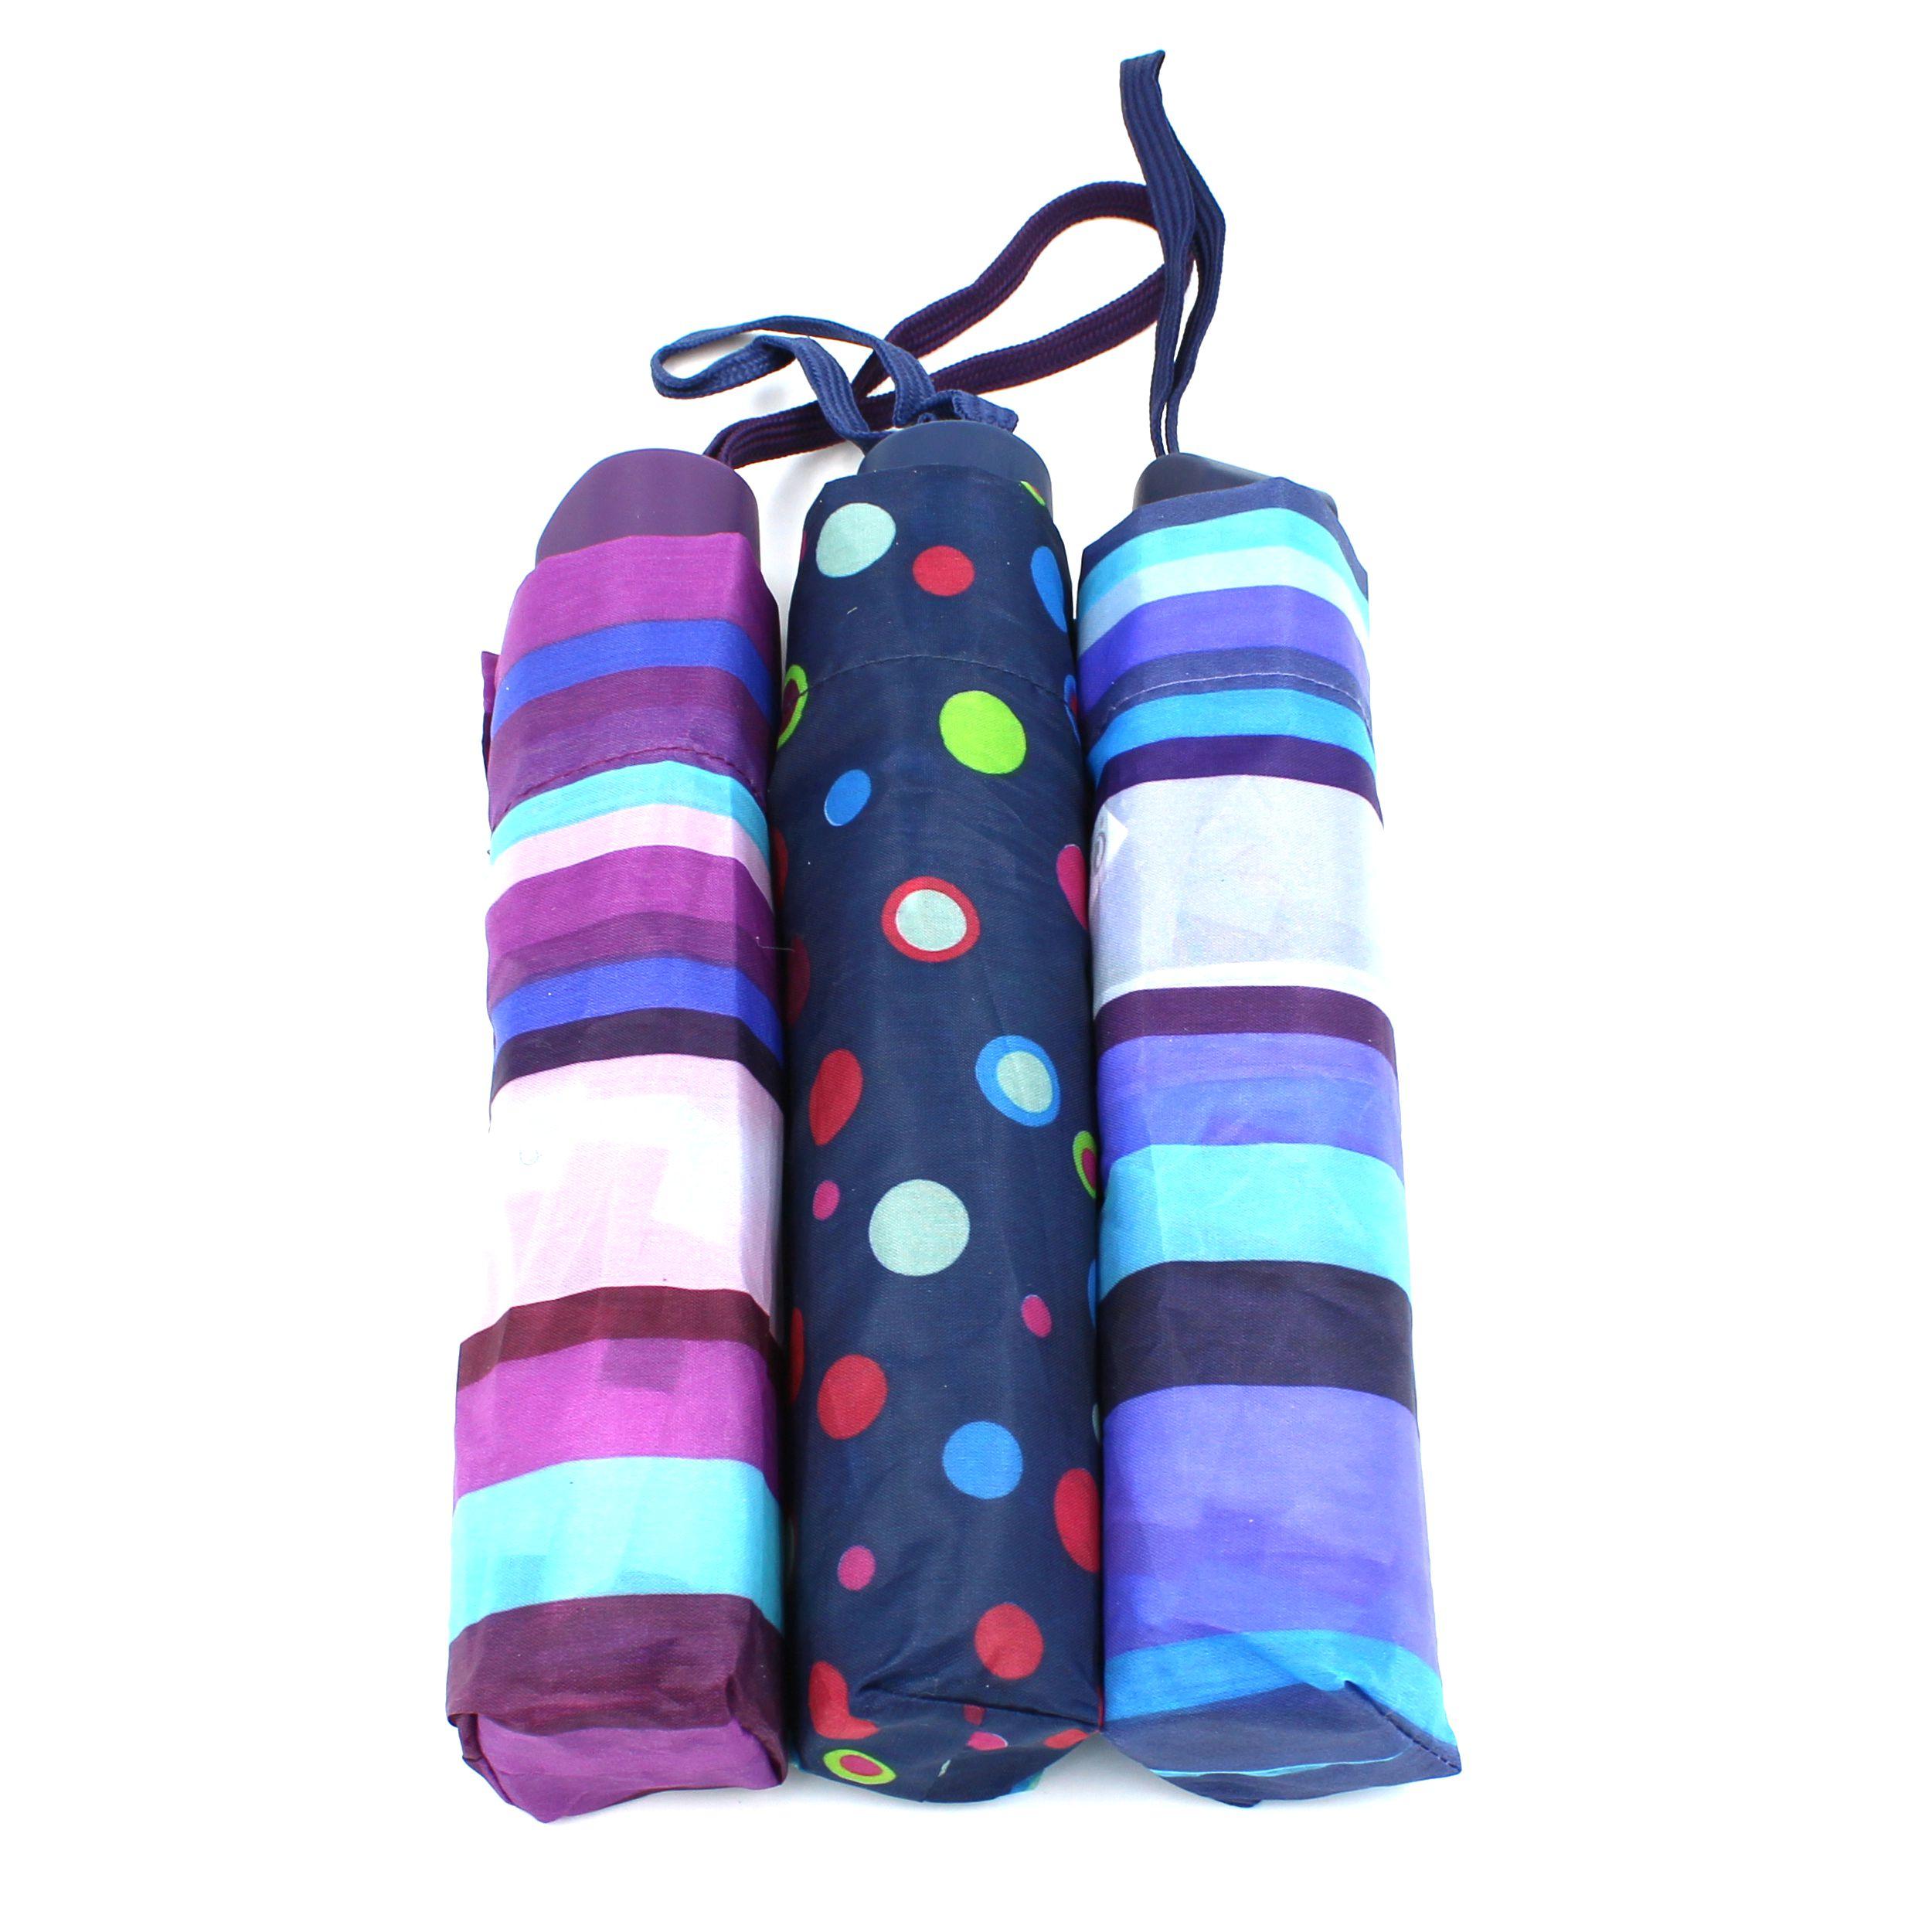 Umbrela deschidere manuala, Perletti,maner plastic, dungi/buline